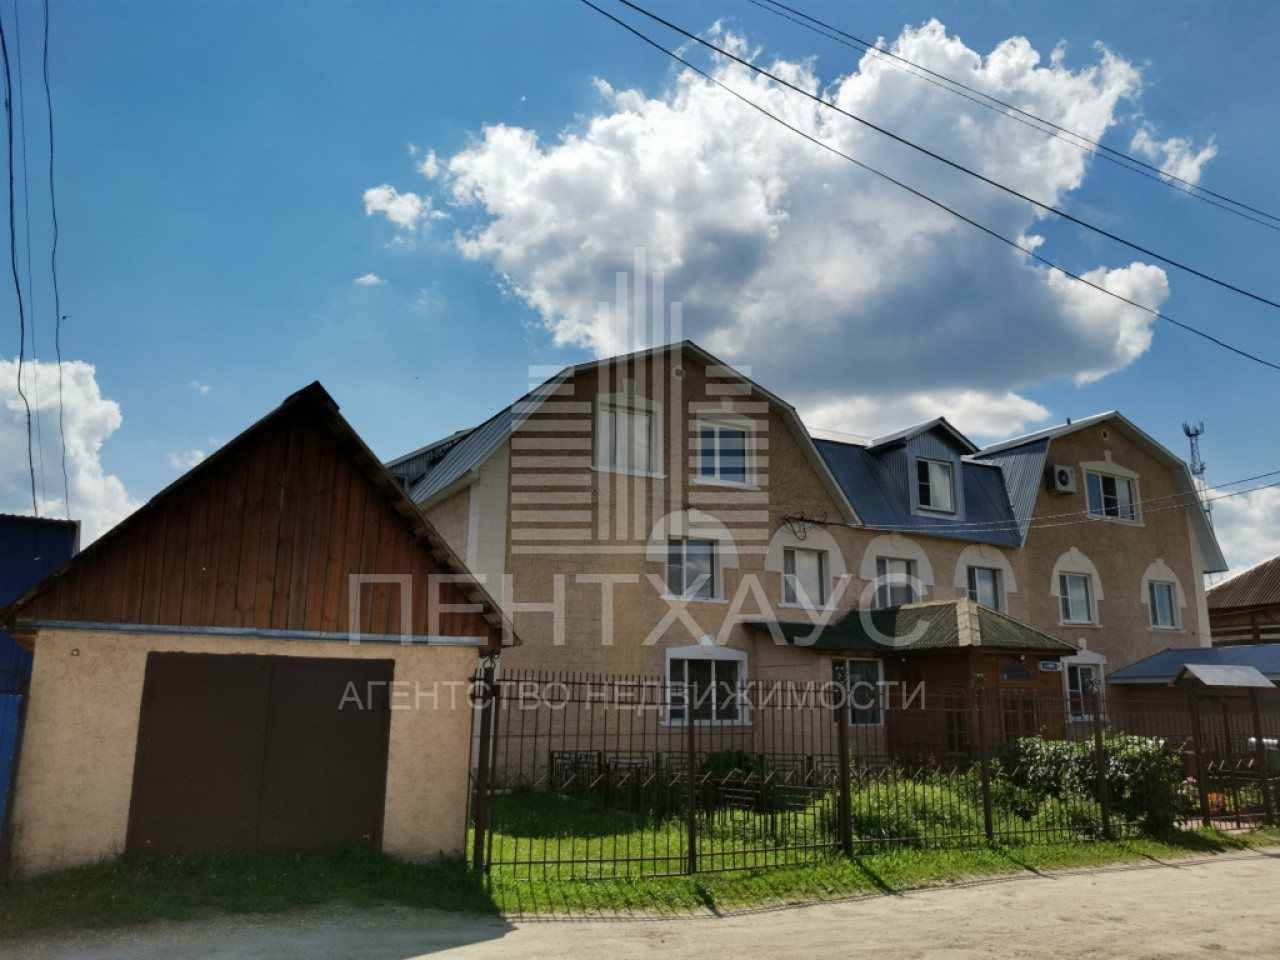 Бег п., Спортивная ул., 3, дом кирпичный с участком 25.00 сотка на продажу